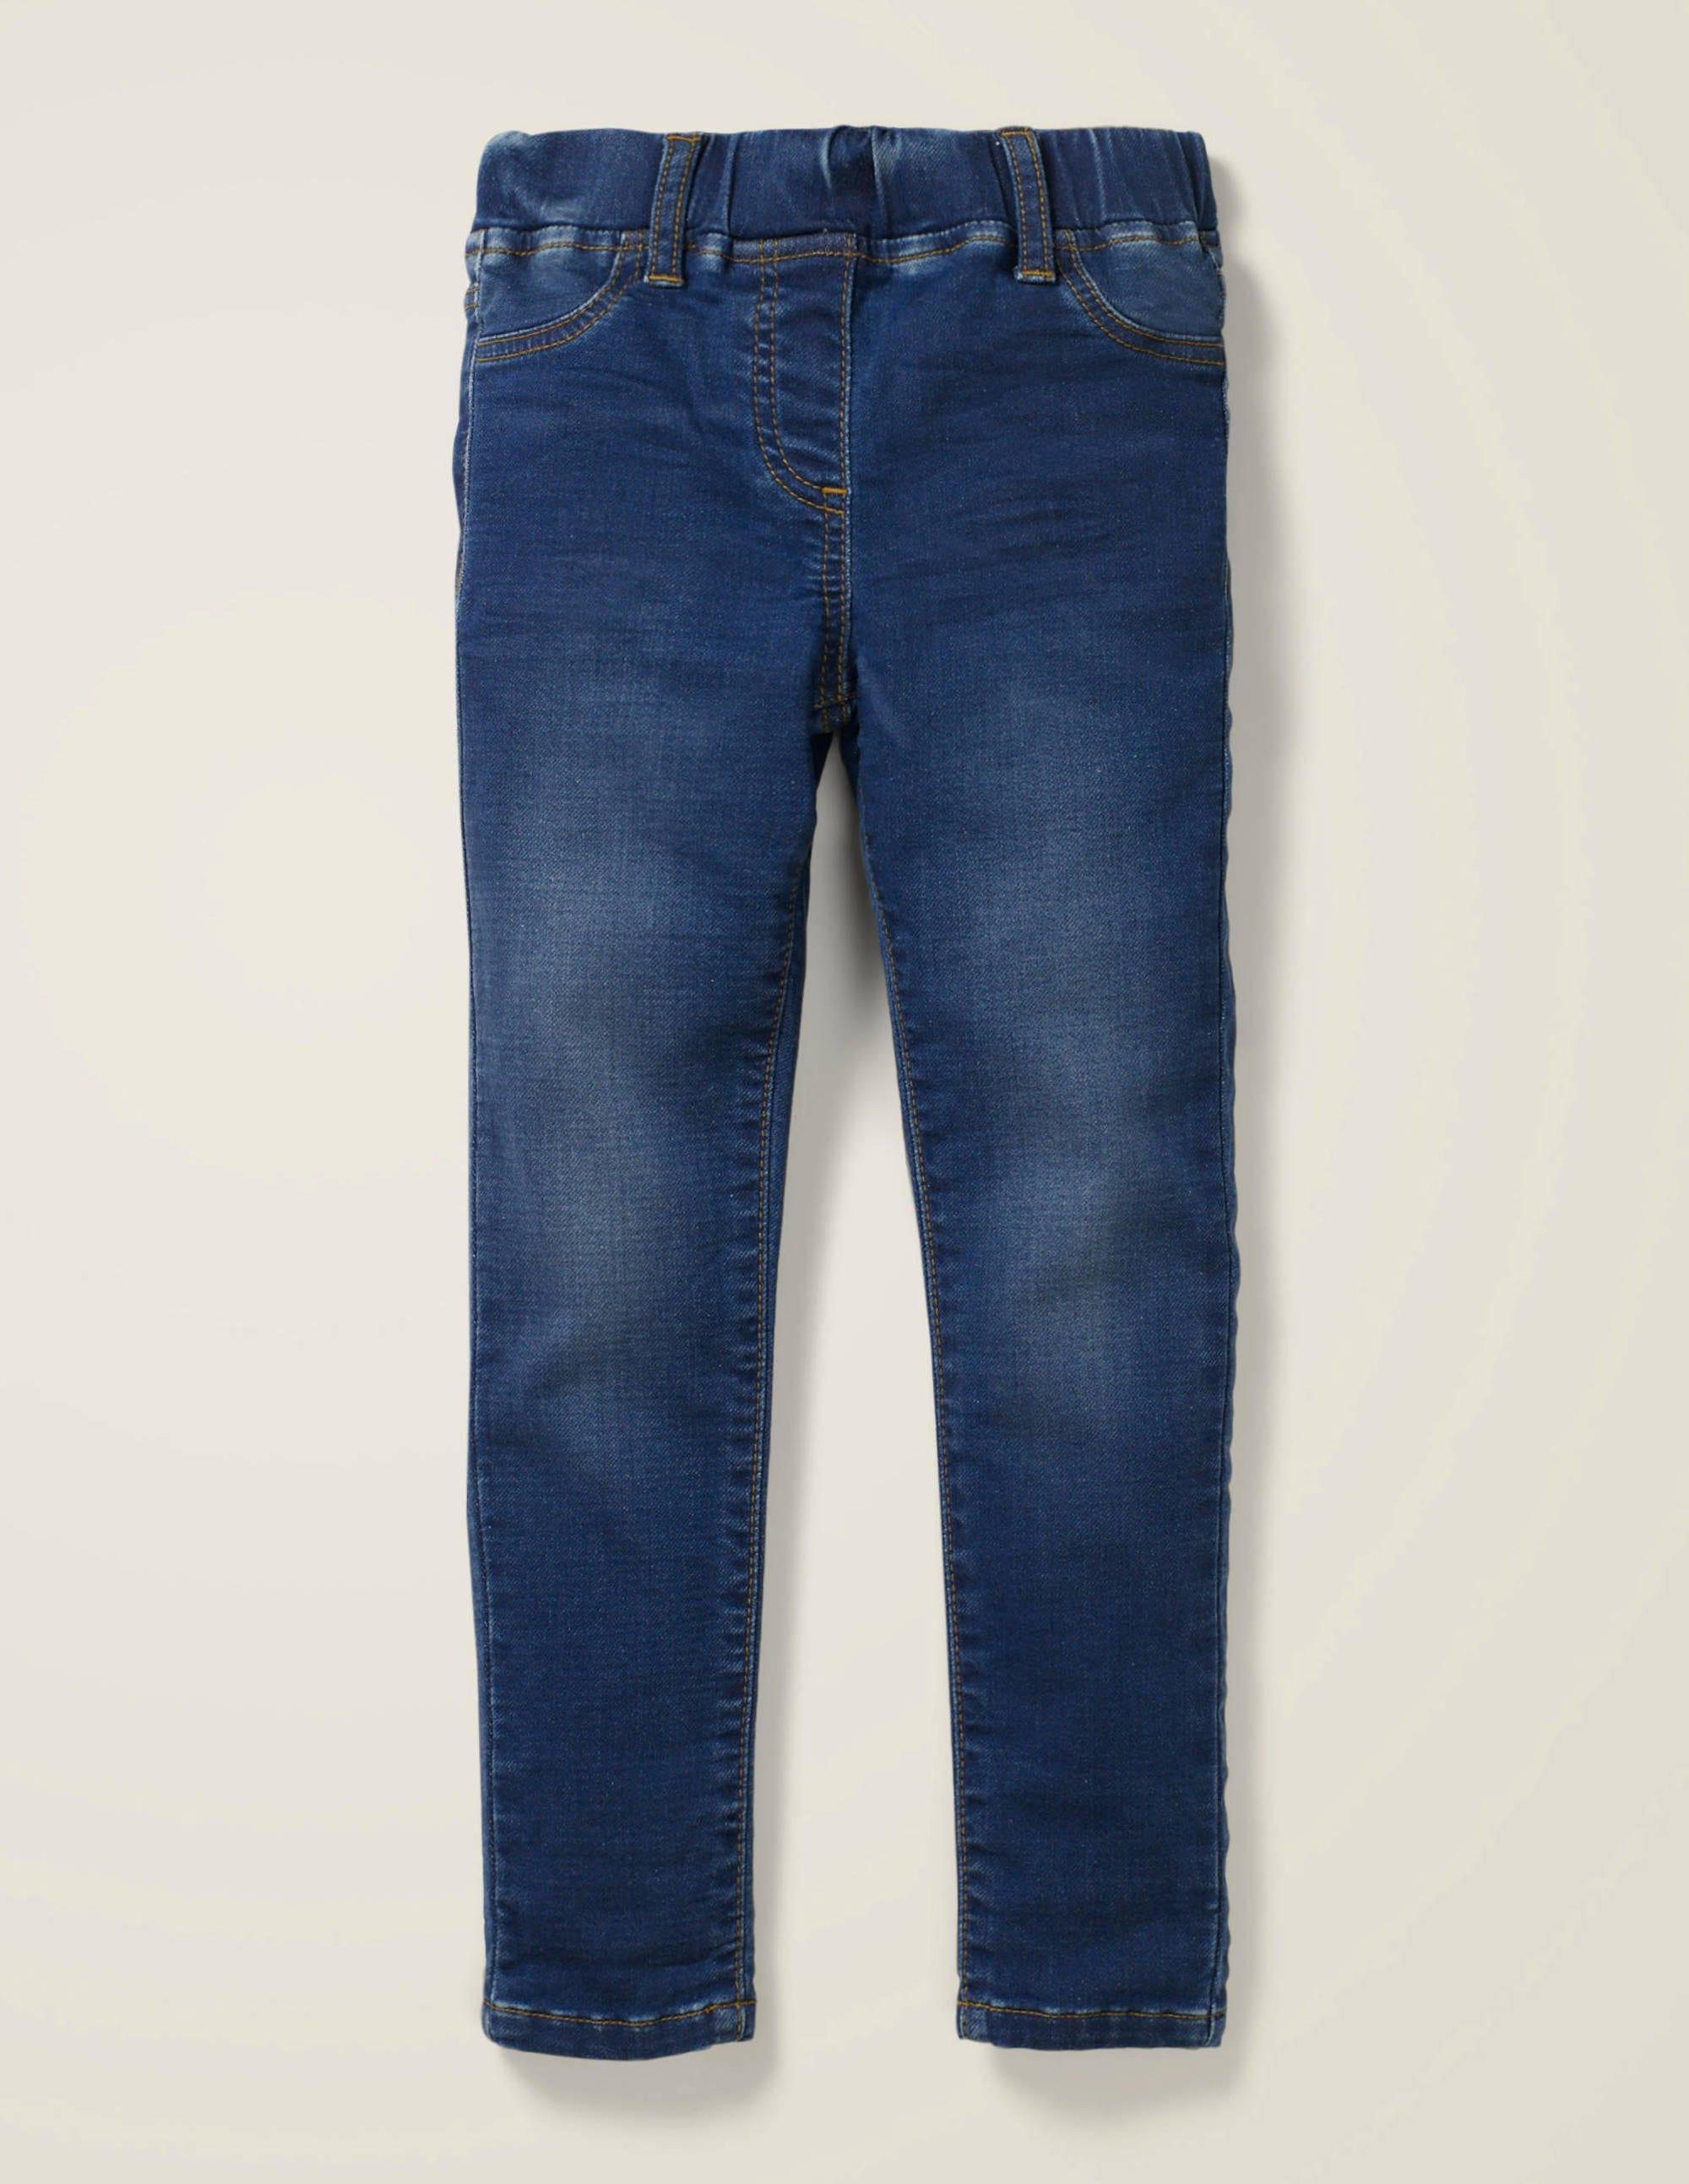 Legging taillé pour l'aventure en jean MDN Fille Boden, Vintage